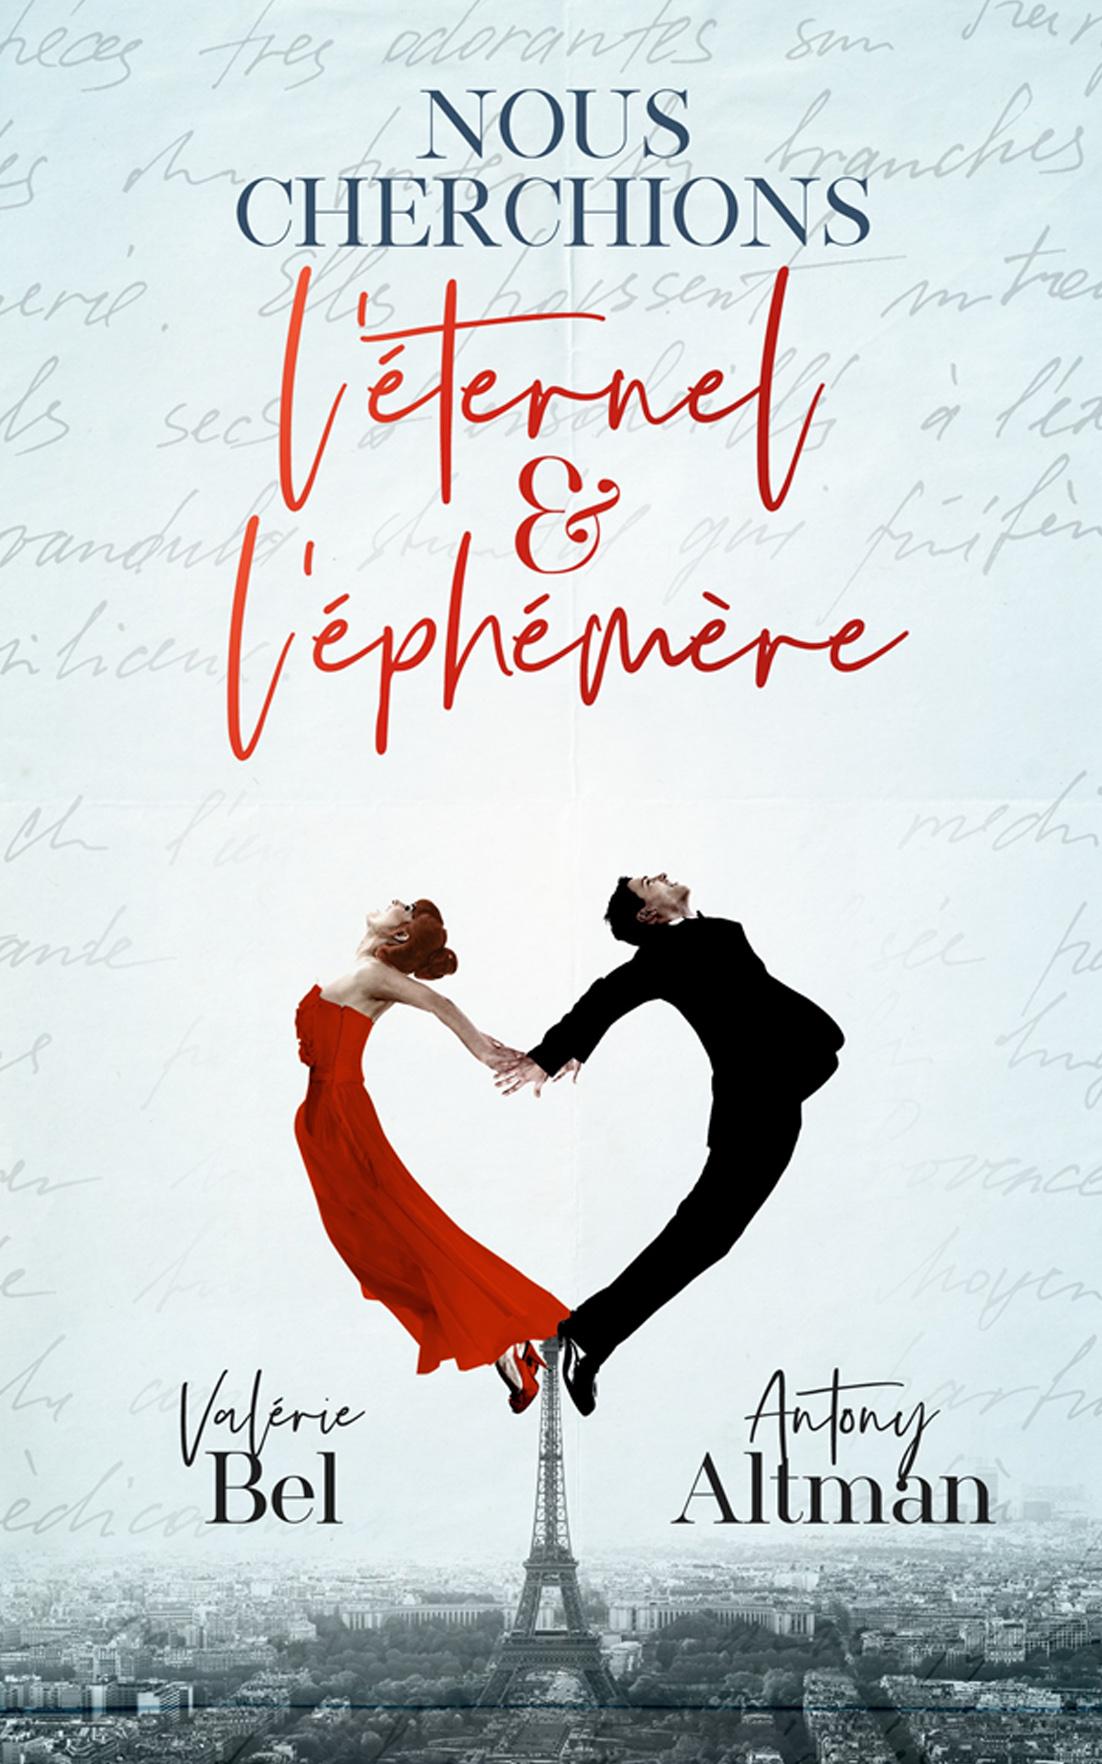 Deux auteurs vont se mettre en danger en écrivant un roman d'amour à 4 mains.